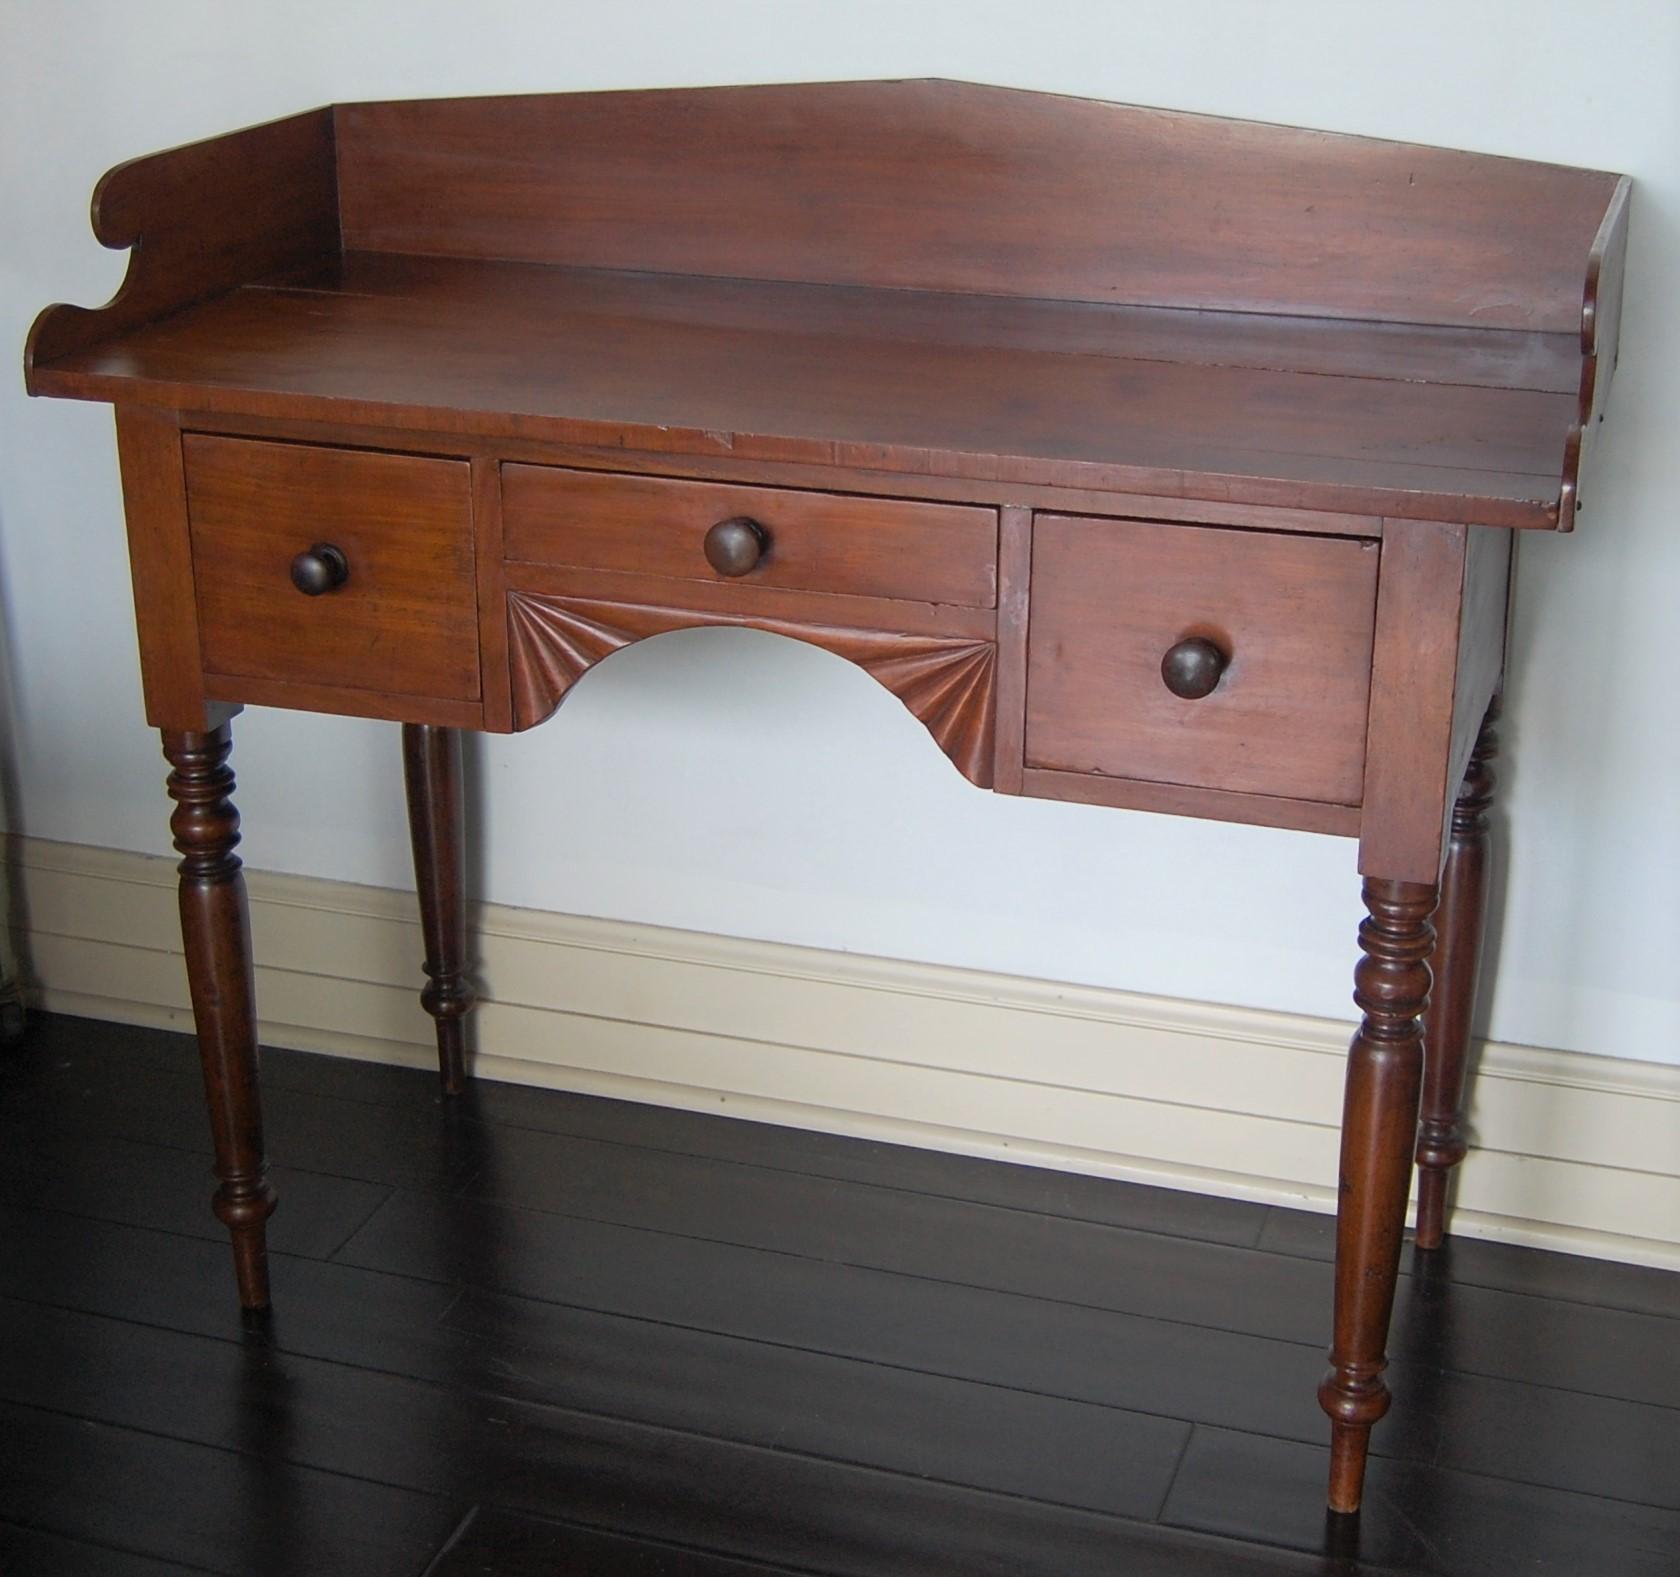 Primitive Antique 1800s Desk / Console Table